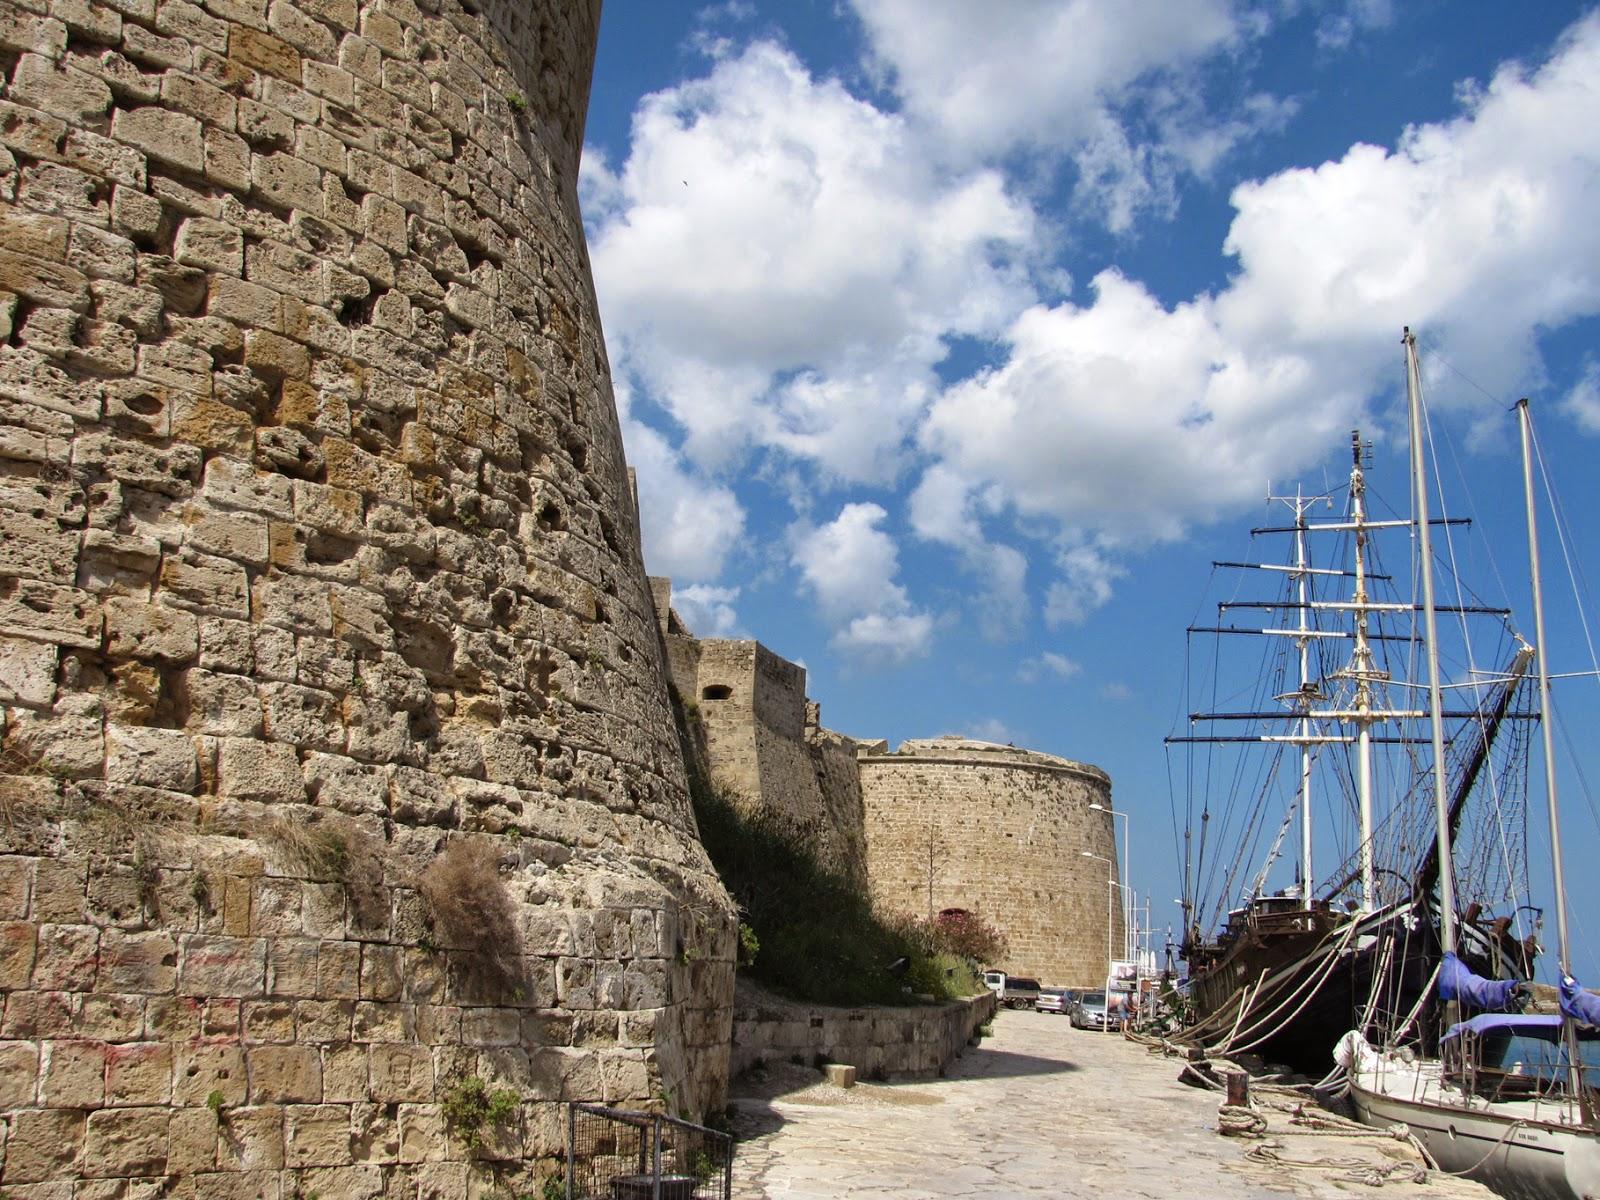 República Turca de Chipre - Kyrenia